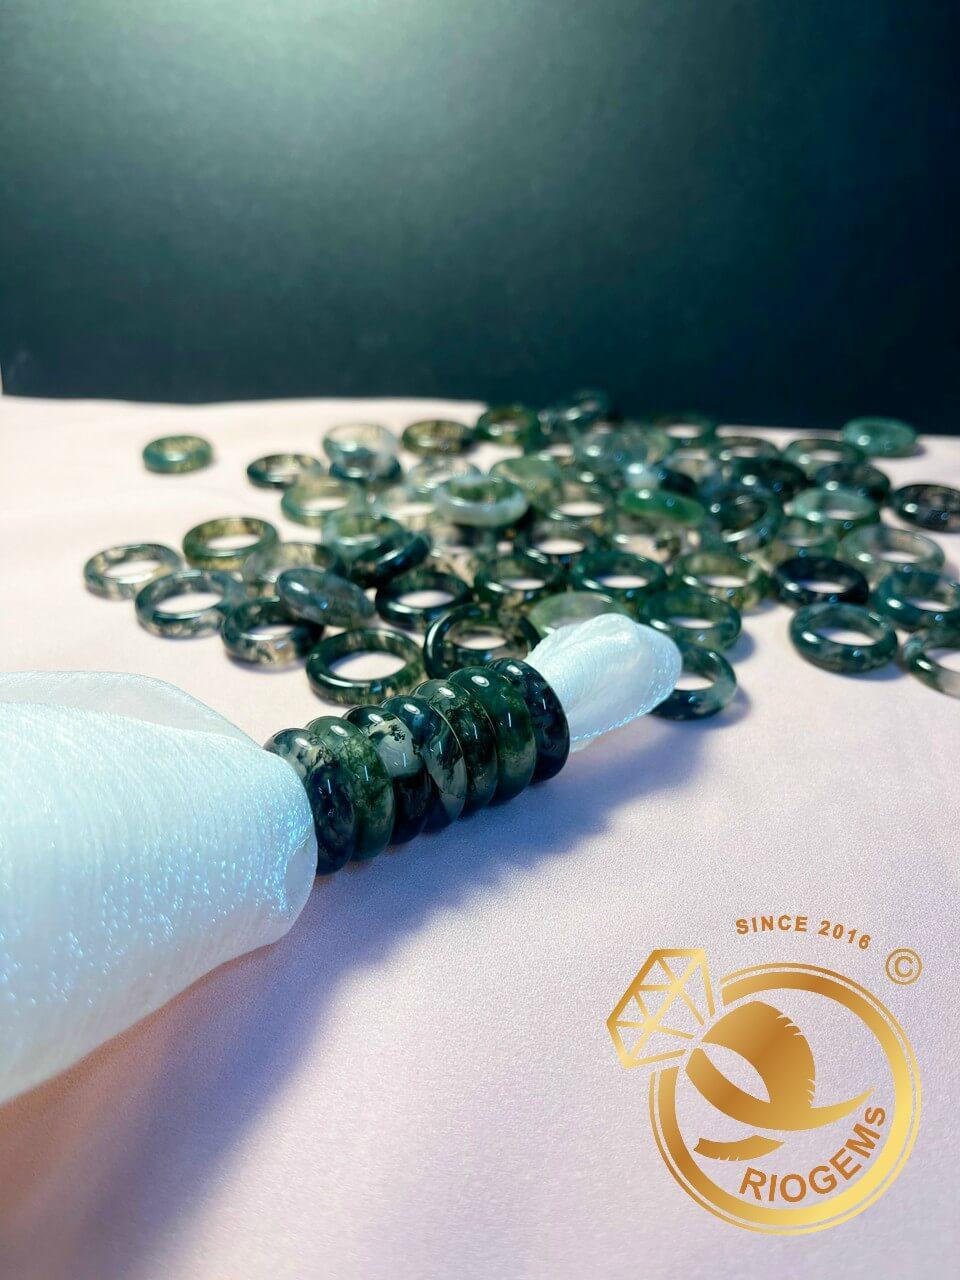 Nhẫn Ngọc thủy tảo hợp mệnh Mộc - Hỏa hợp cho các bạn nữ